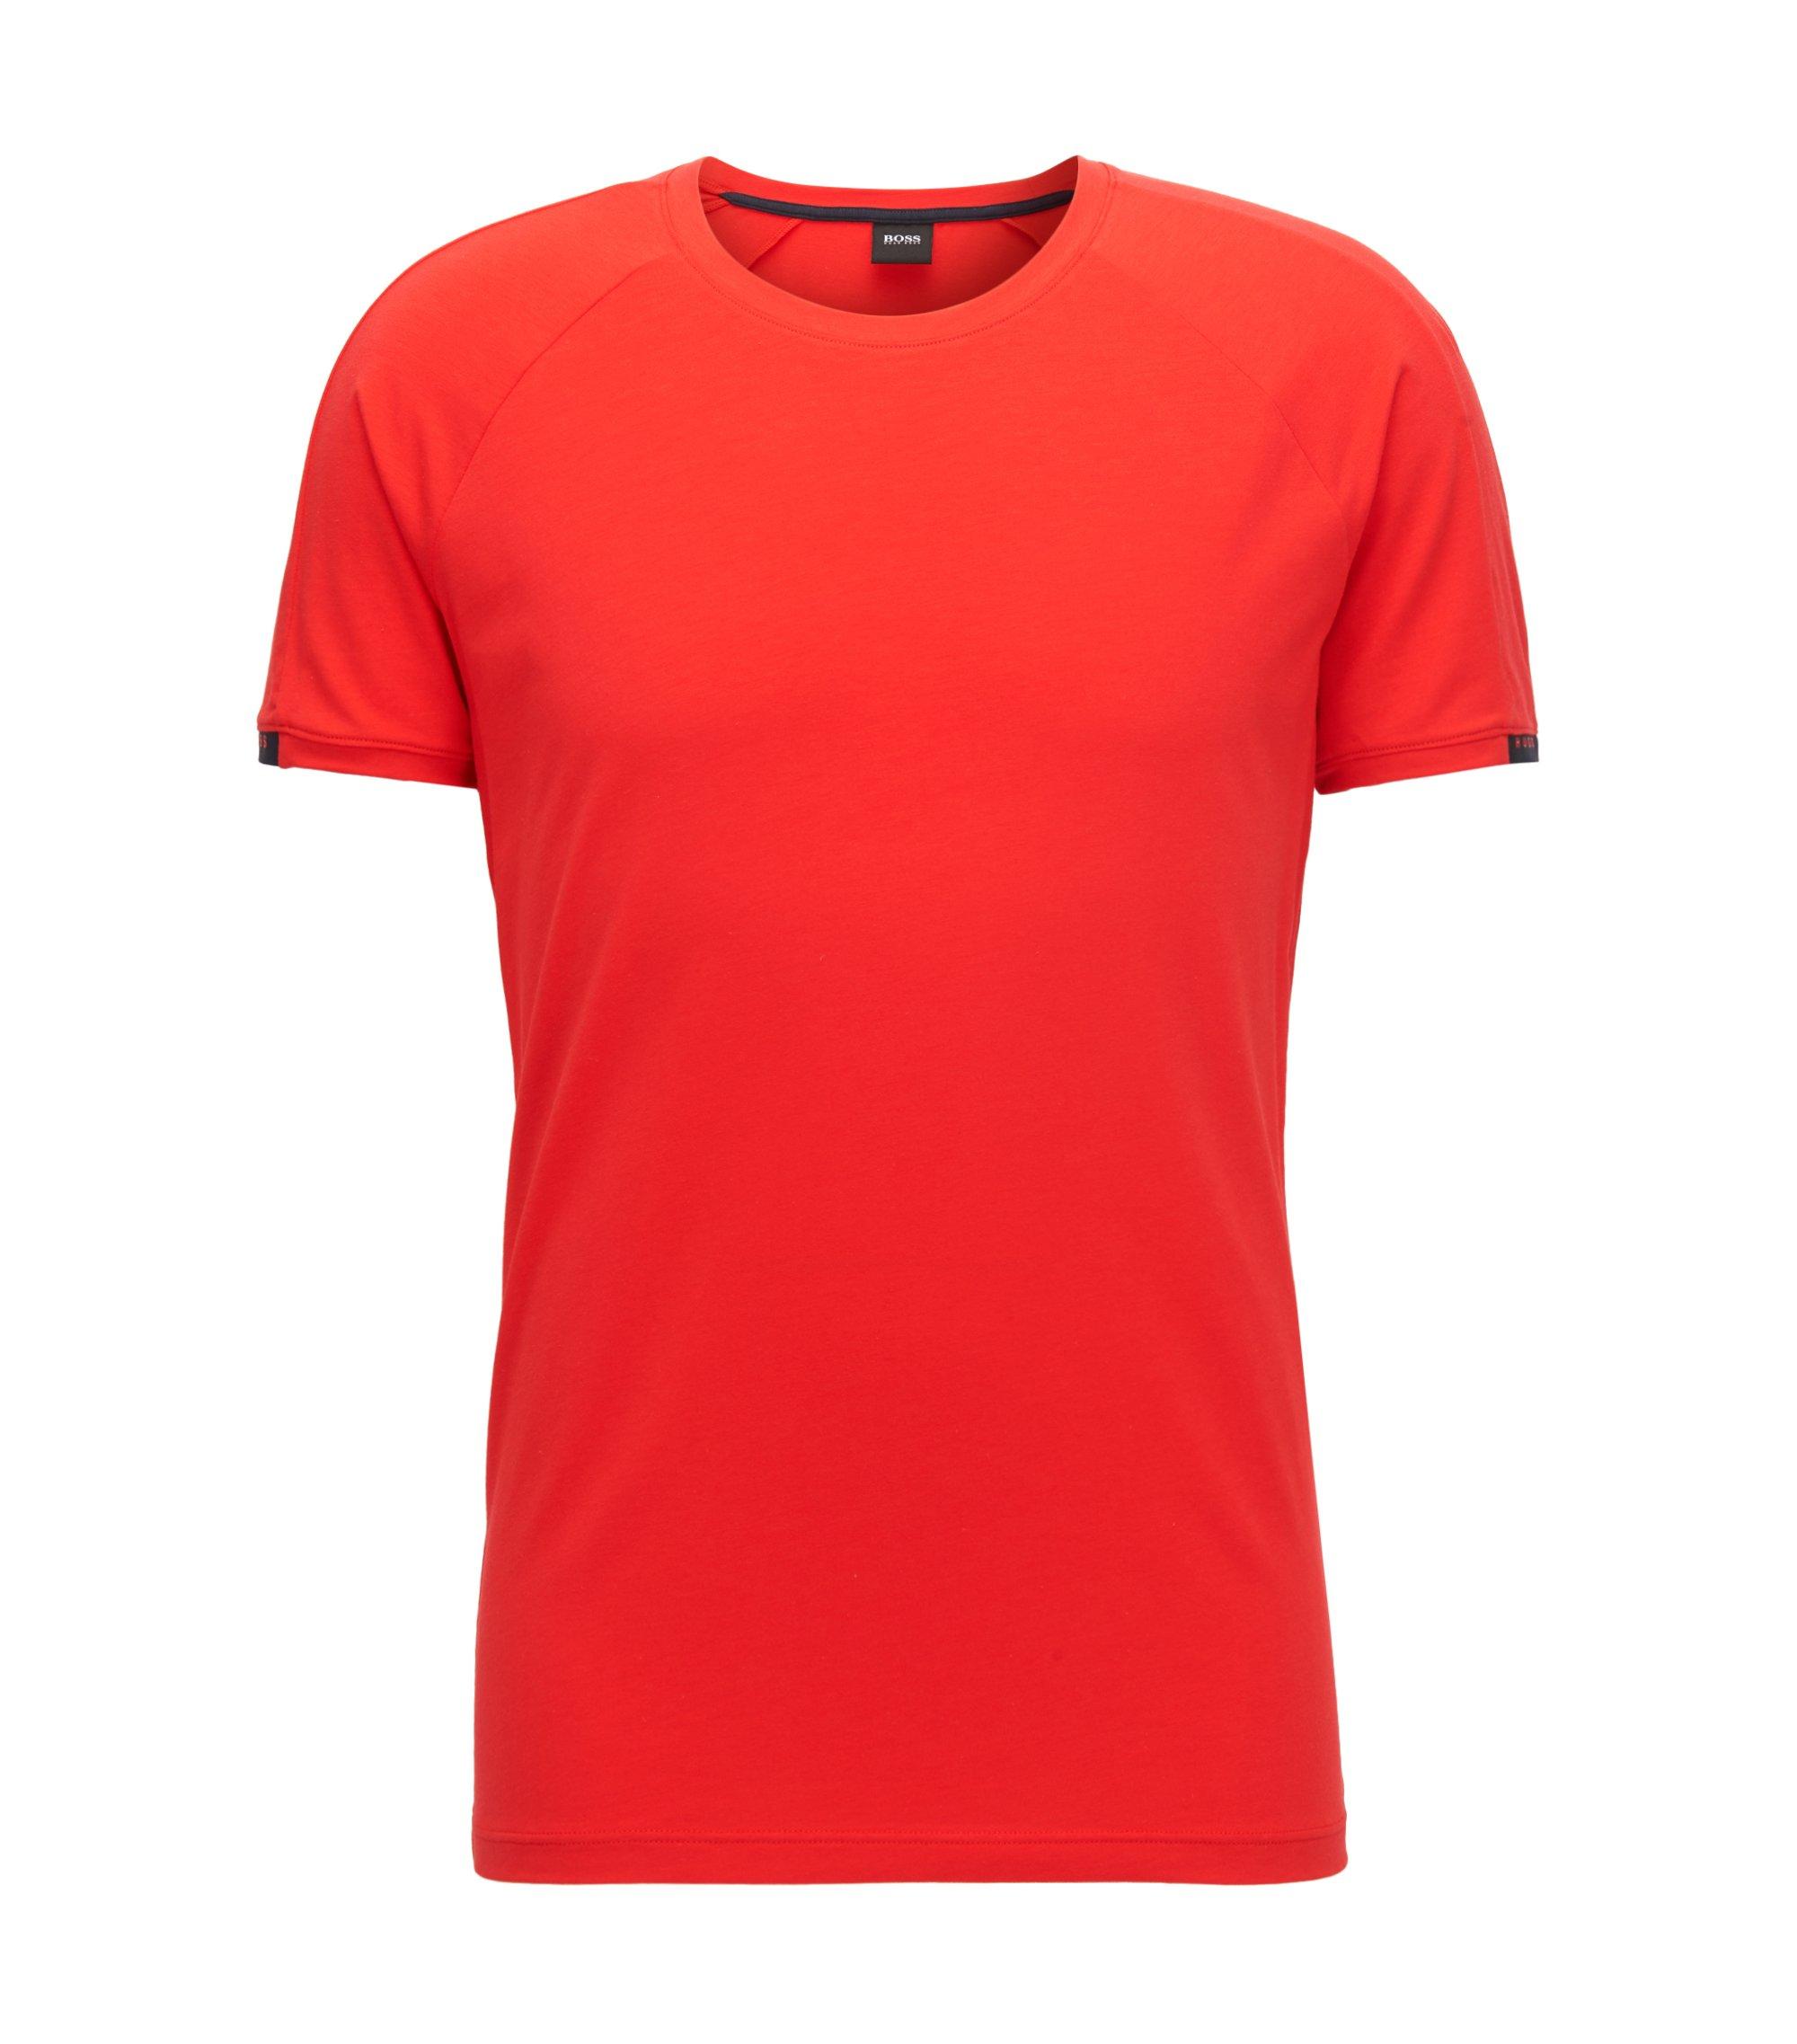 Ondershirt met ronde hals, van single jersey met stretch, Rood